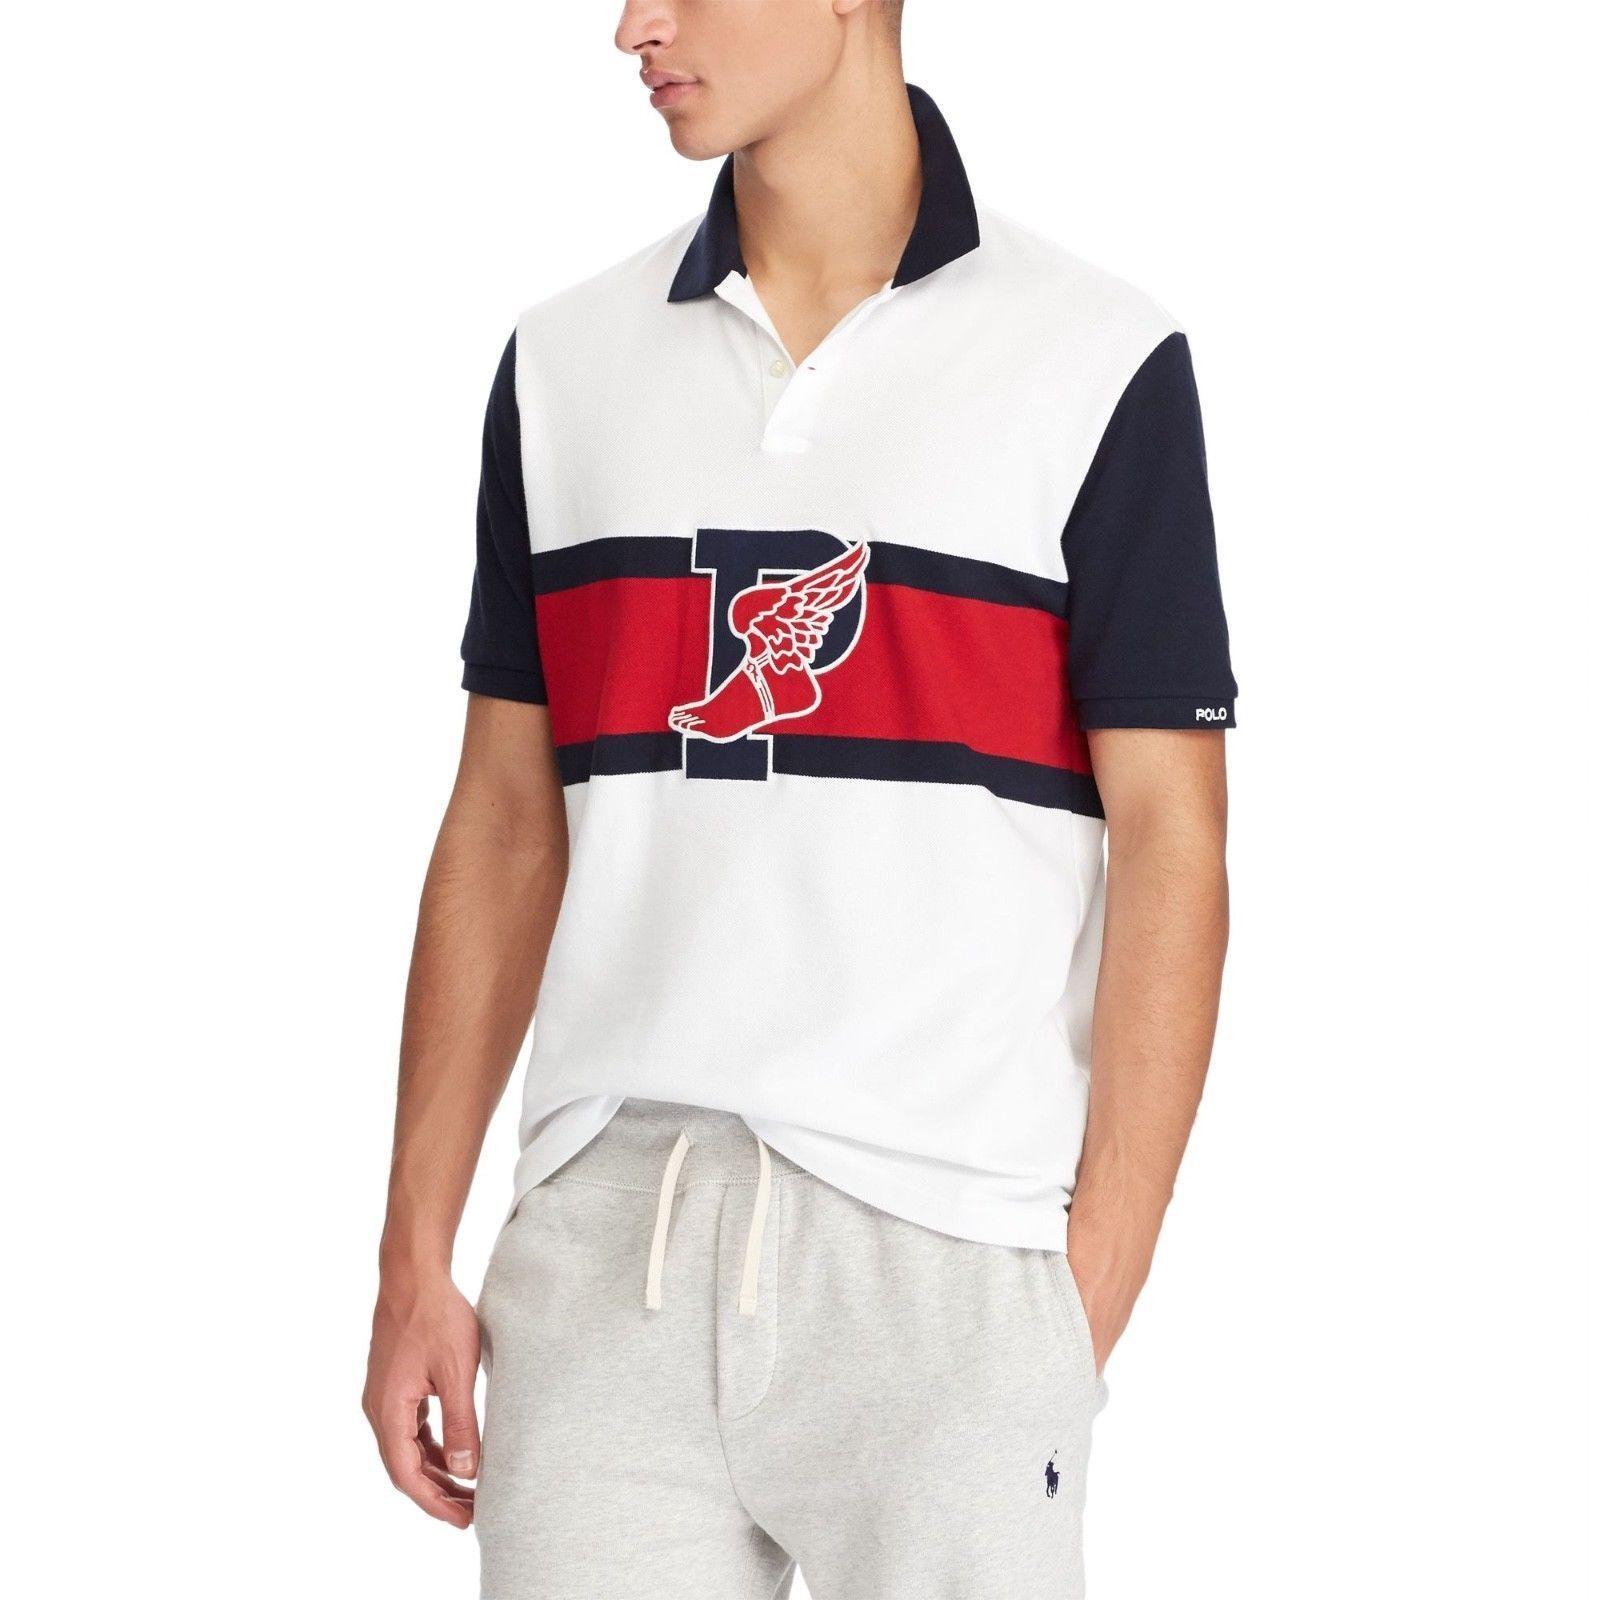 Ralph Lauren The Stadium Polo Shirt P-Wing 1992 White Red 93 stadium Size M